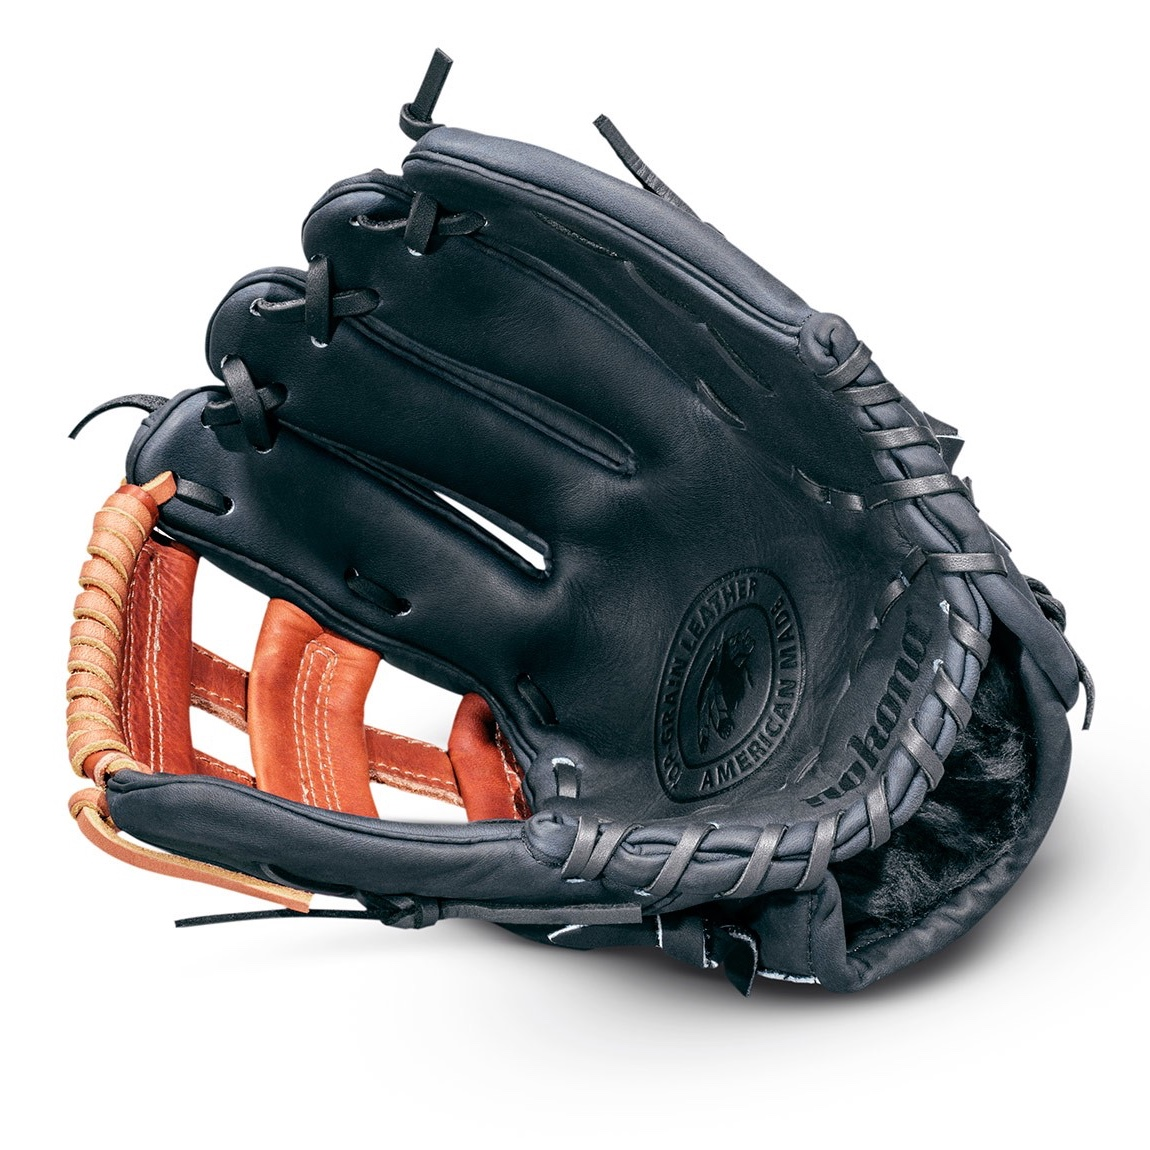 Shinola + Nokona Baseball Glove.Nokona has been manufacturing ball gloves in the USA since 1934. Image© Shinola 2016.